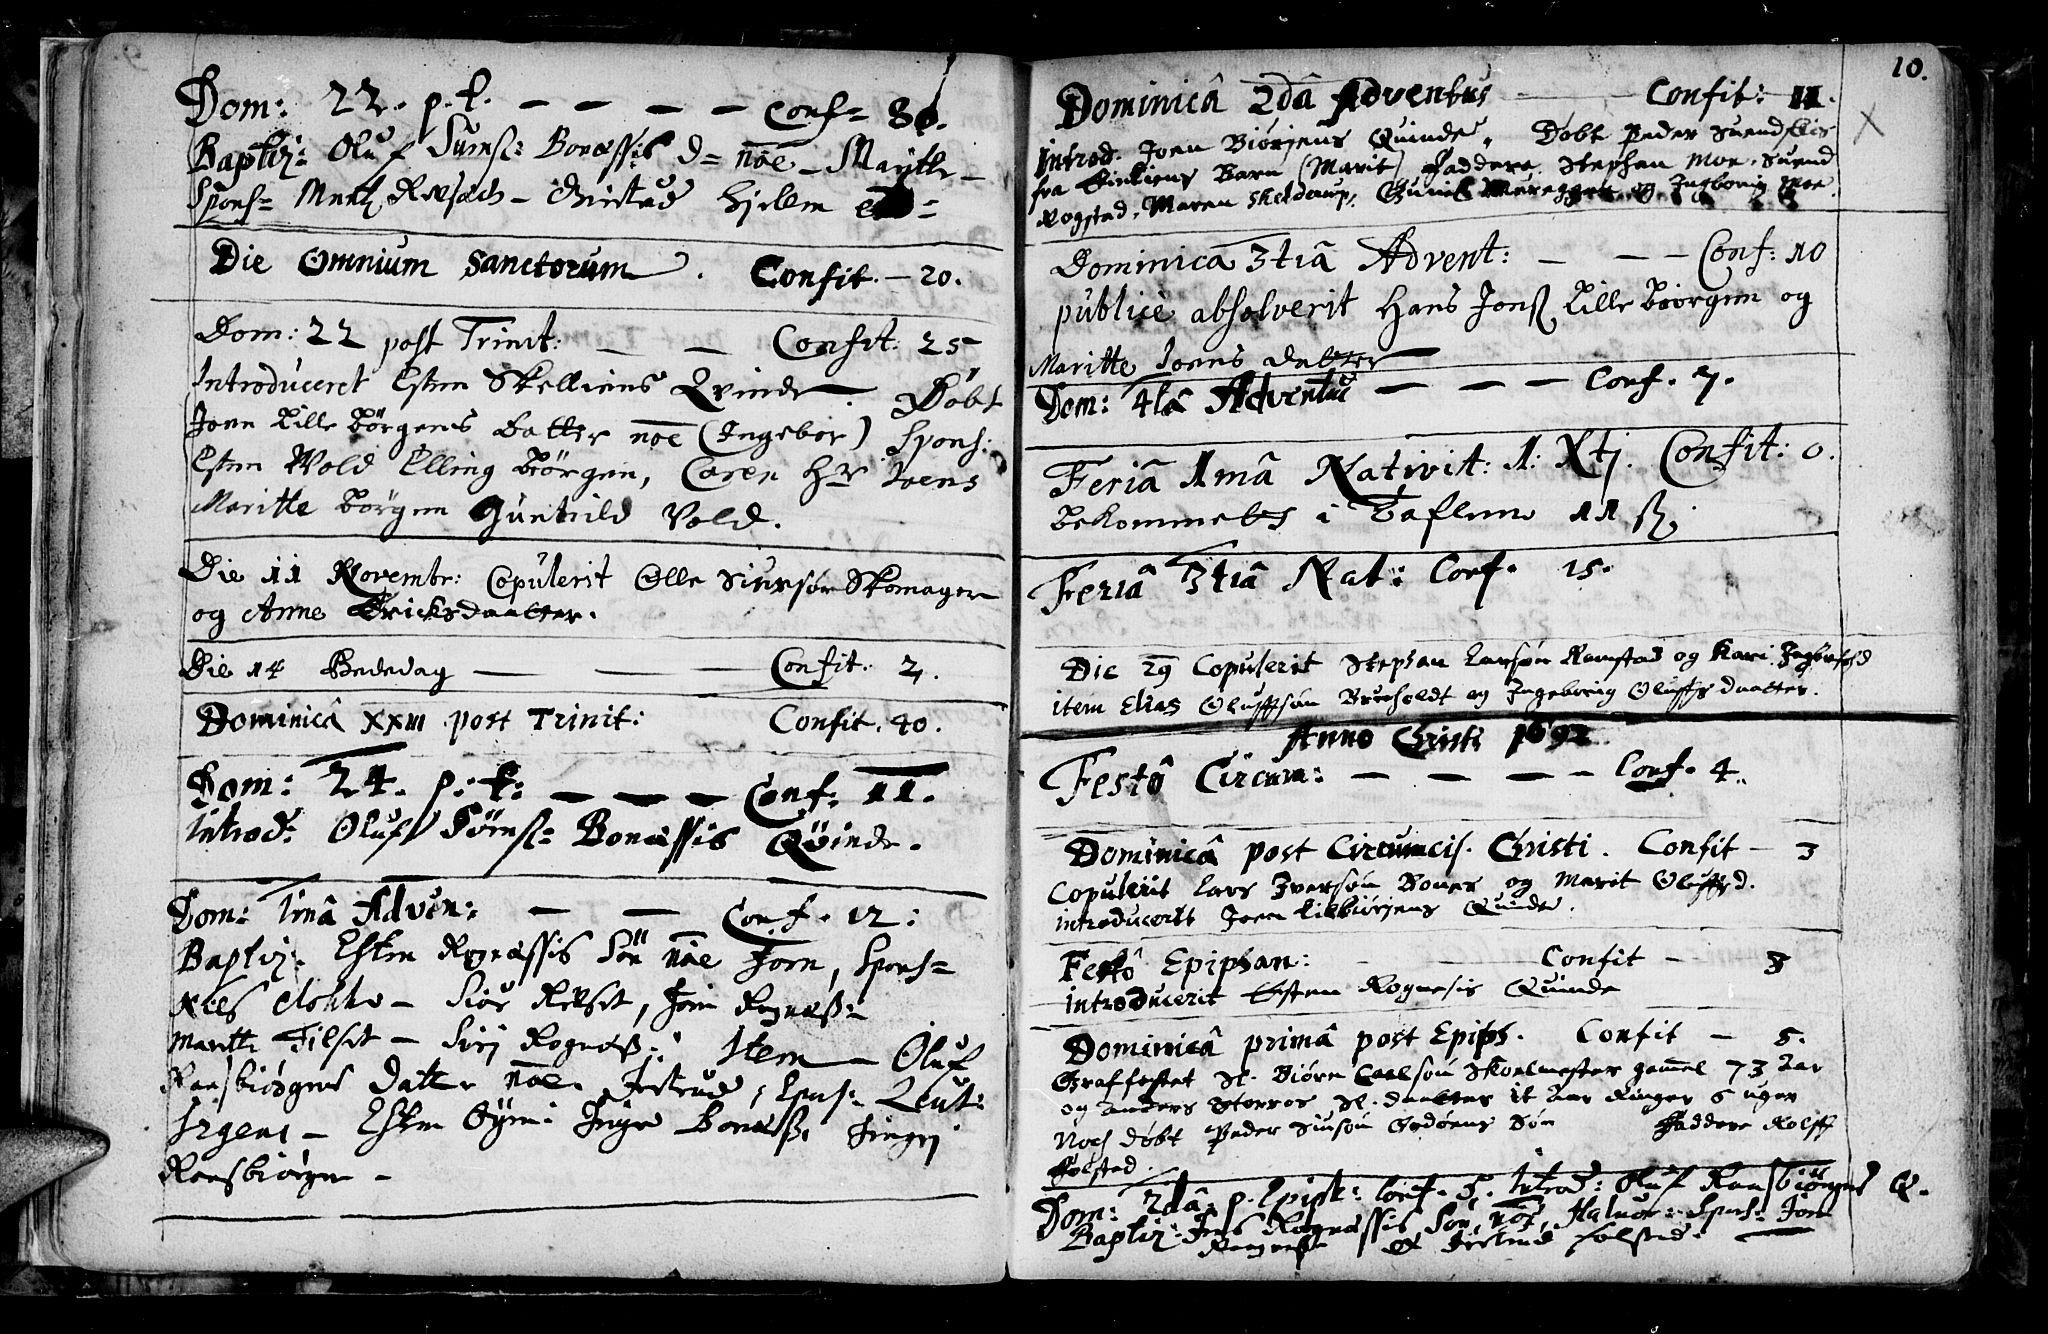 SAT, Ministerialprotokoller, klokkerbøker og fødselsregistre - Sør-Trøndelag, 687/L0990: Ministerialbok nr. 687A01, 1690-1746, s. 10